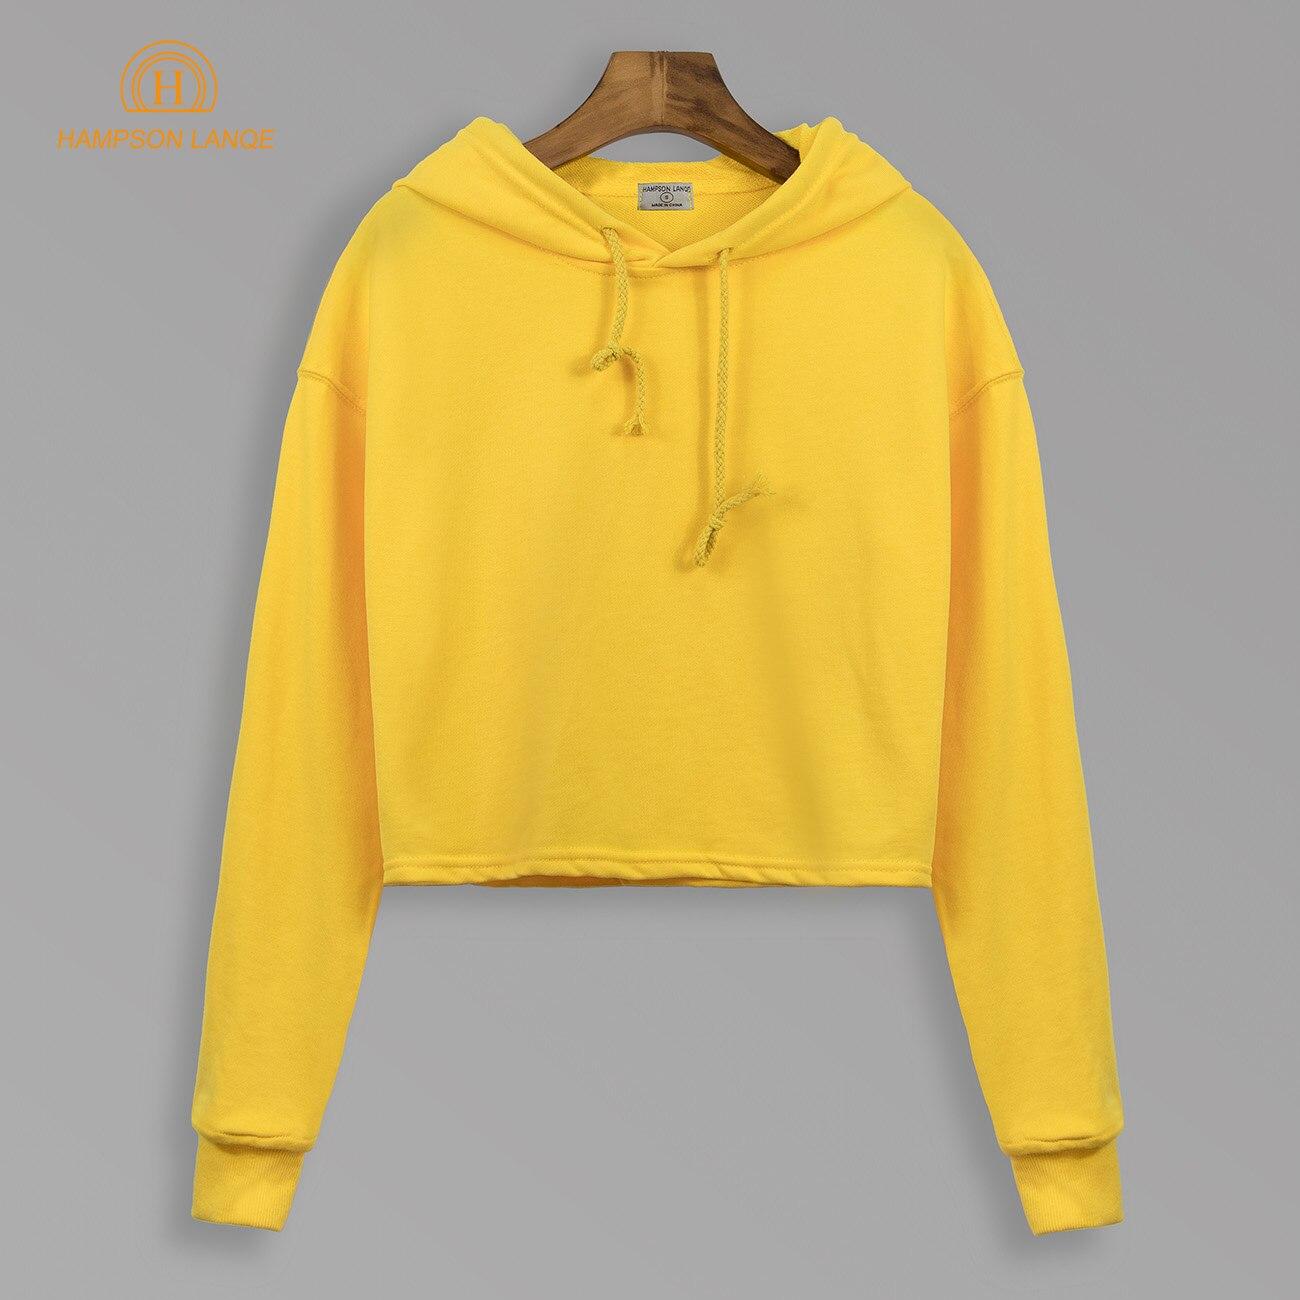 Herbst 2018 Einfarbig Cropped Hoodies Frauen Kurz Stil Sweatshirts Weibliche Schwarz Blau Grau Gelb Kamel Türkis Pullover